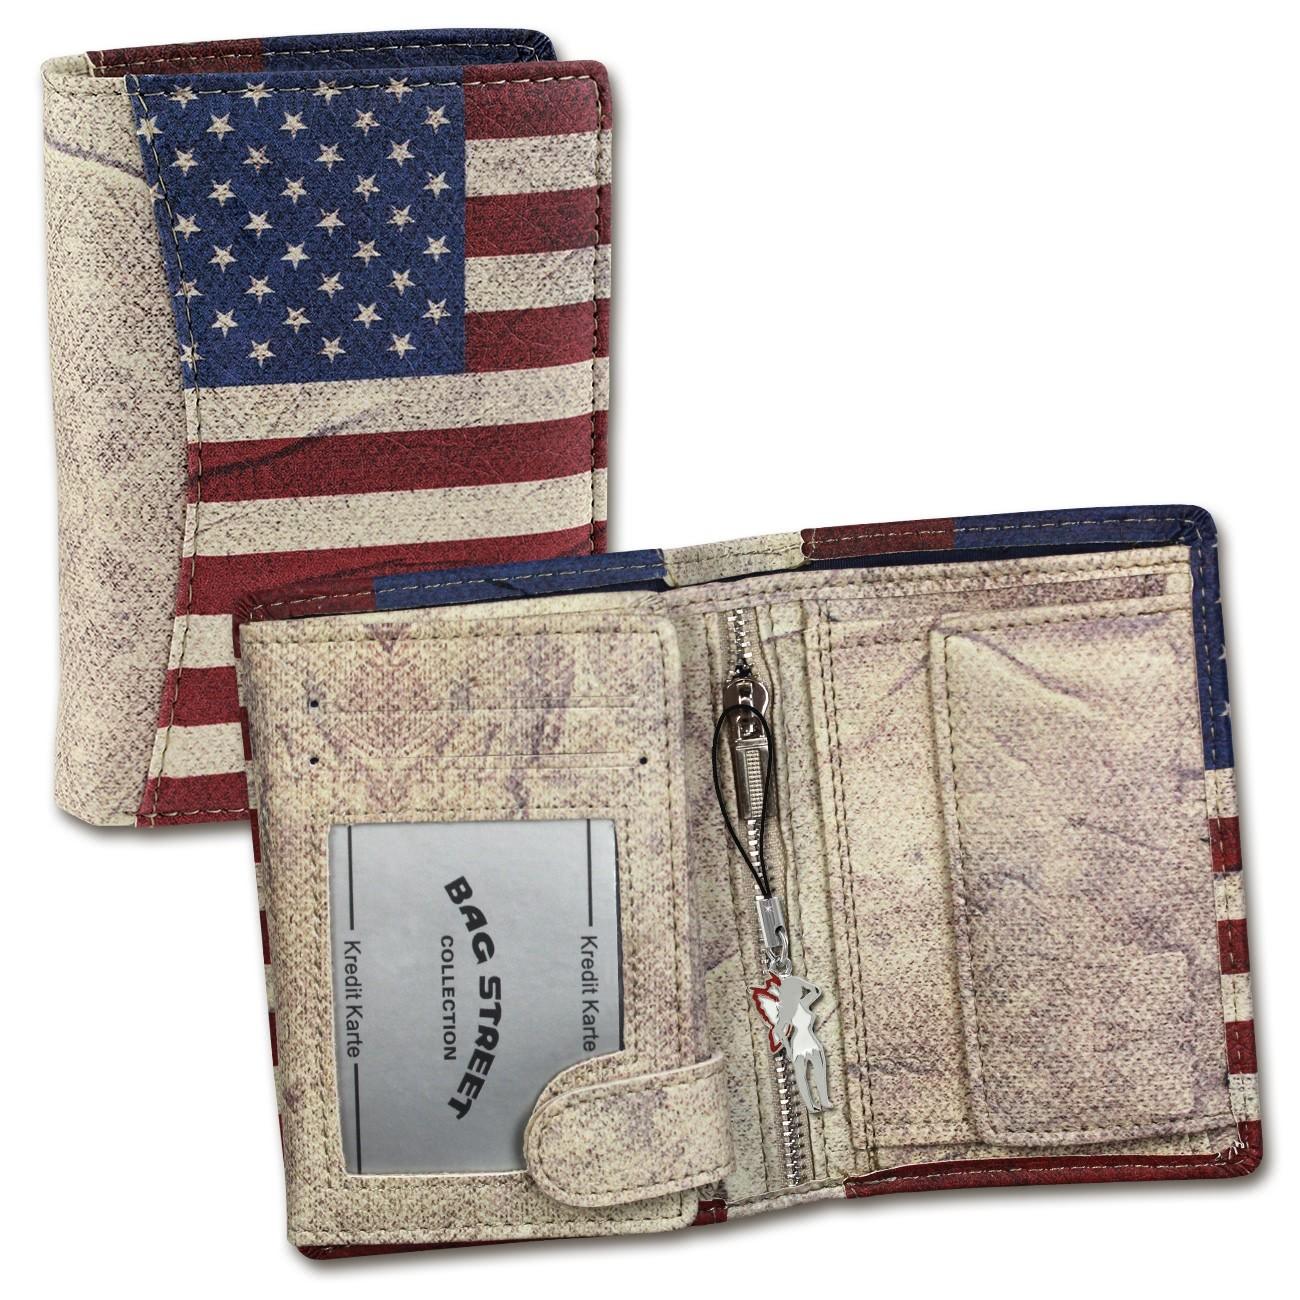 Geldbörse Kunstleder mehrfarbig Portemonnaie USA Wild Things Only OPJ117F